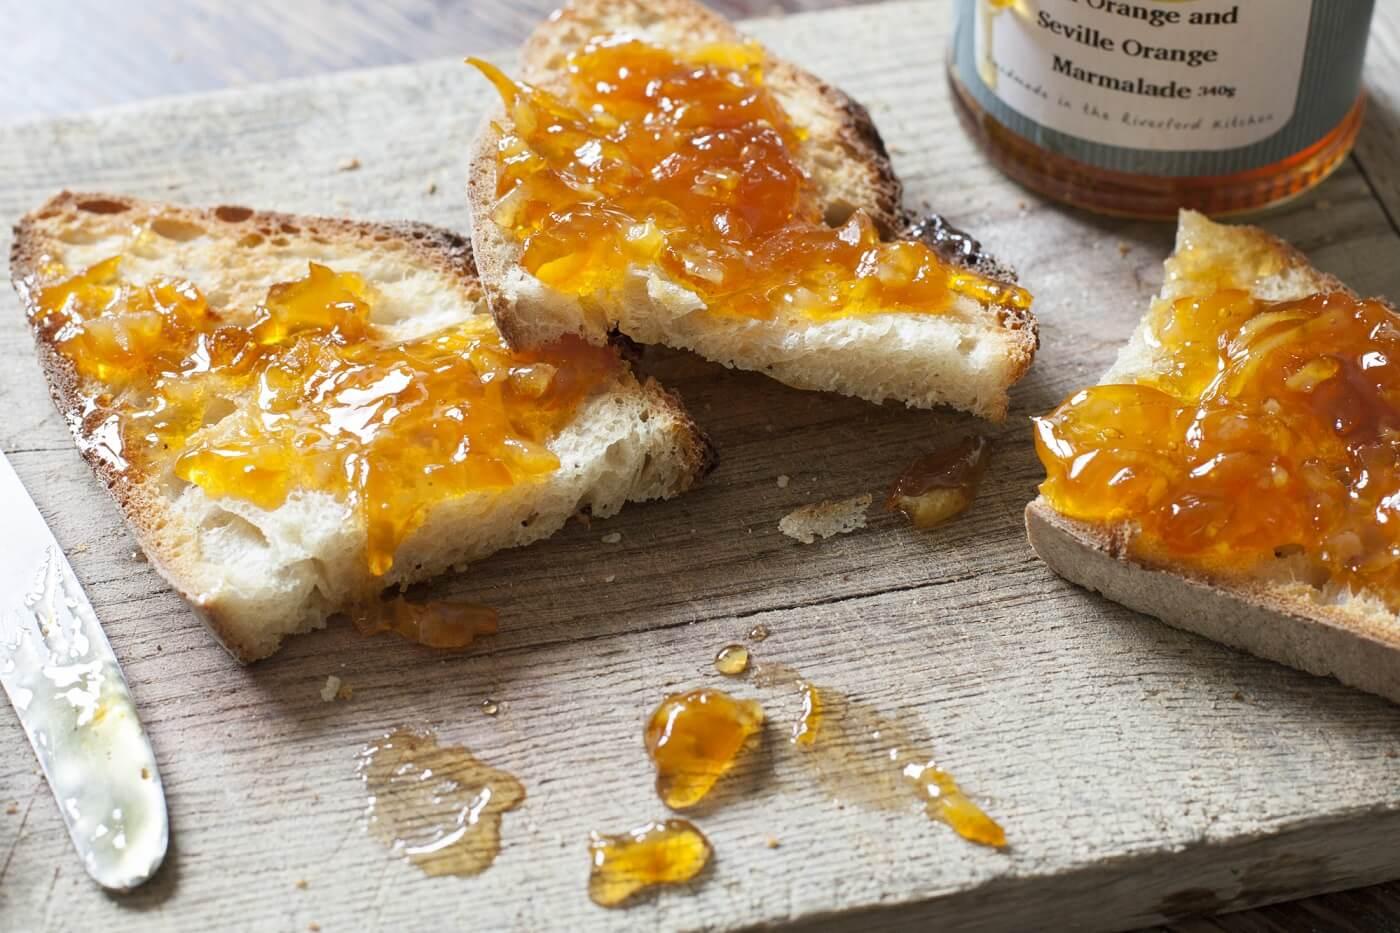 Seville Orange Marmalade Workshop